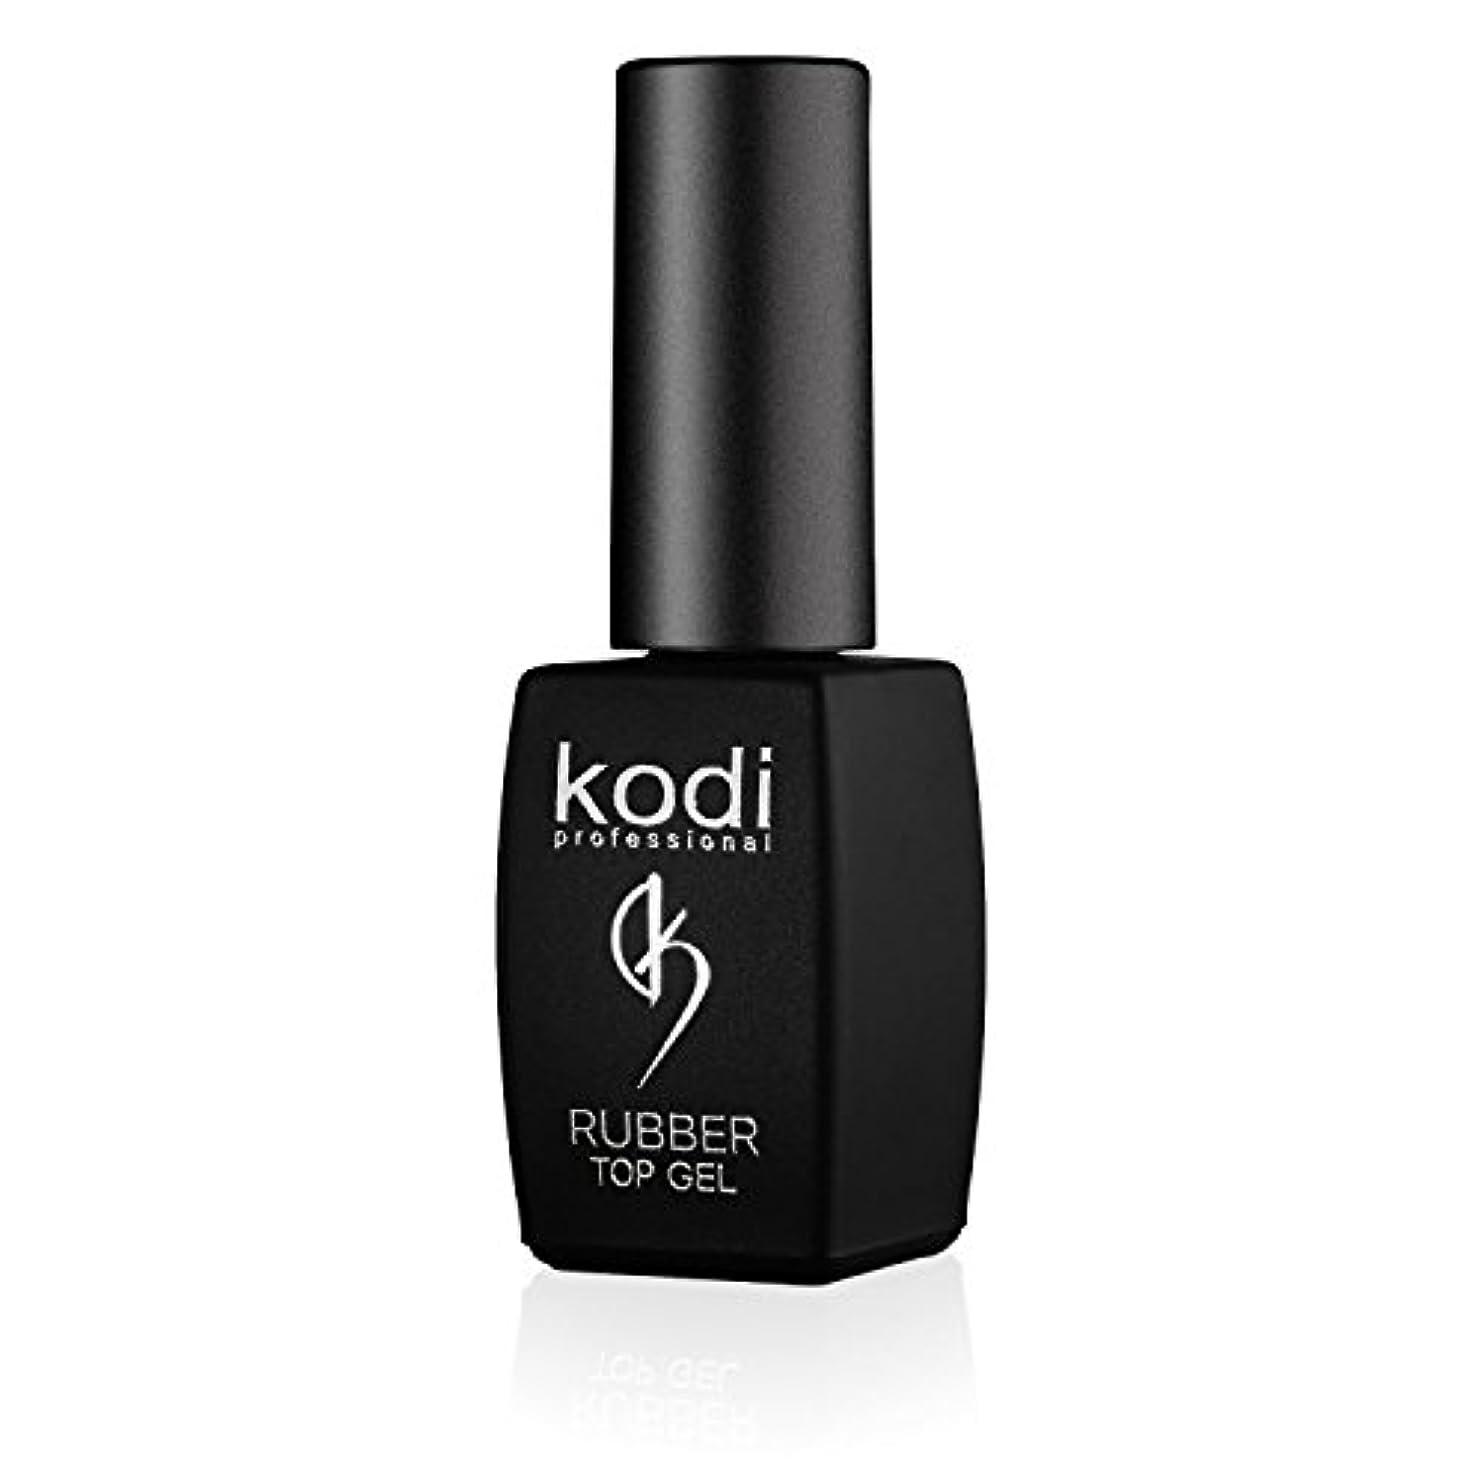 シュガー傾斜ポーズProfessional Rubber Top Gel By Kodi | 8ml 0.27 oz | Soak Off, Polish Fingernails Coat Kit | For Long Lasting Nails...